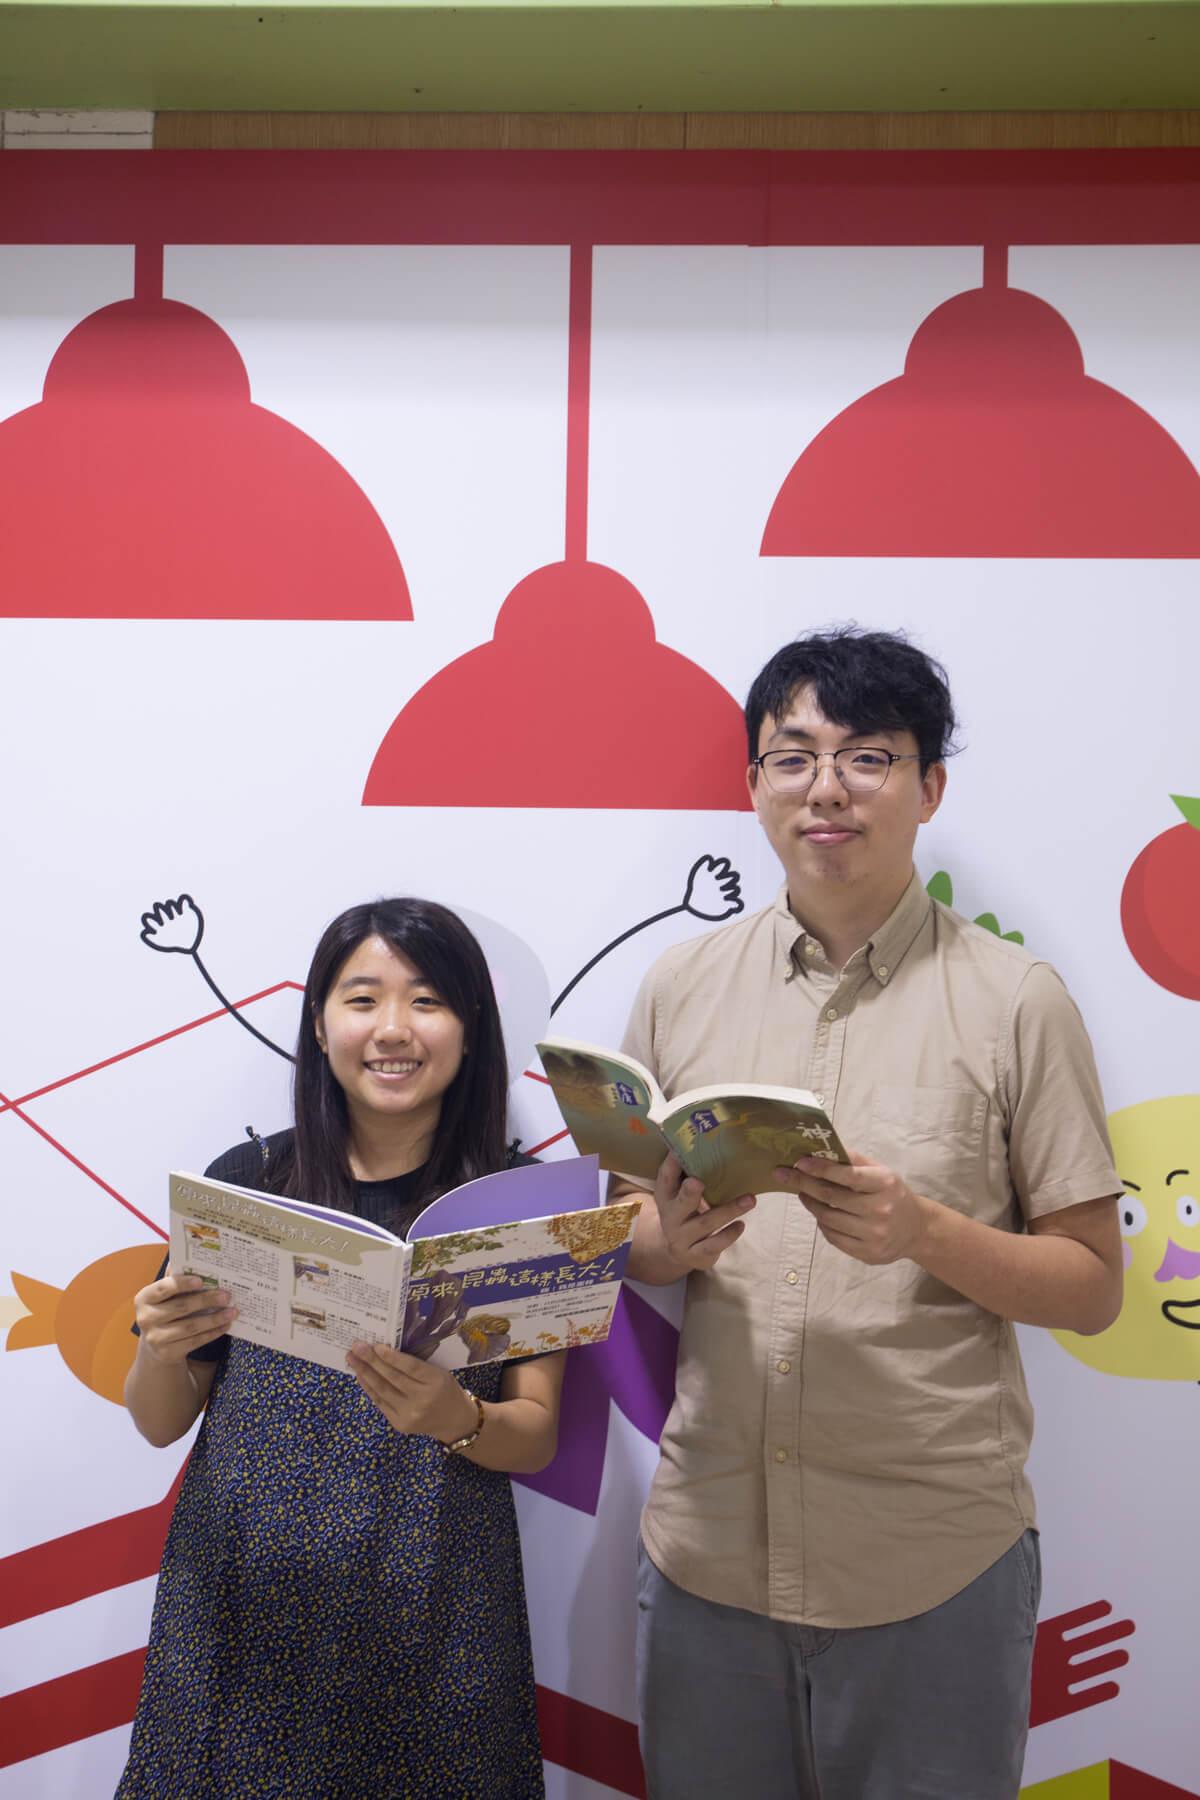 莊業豐(Vincent)及胡頌思(Joyce)都是「實驗圖書館」團隊的成員,希望推動圖書館的革新。